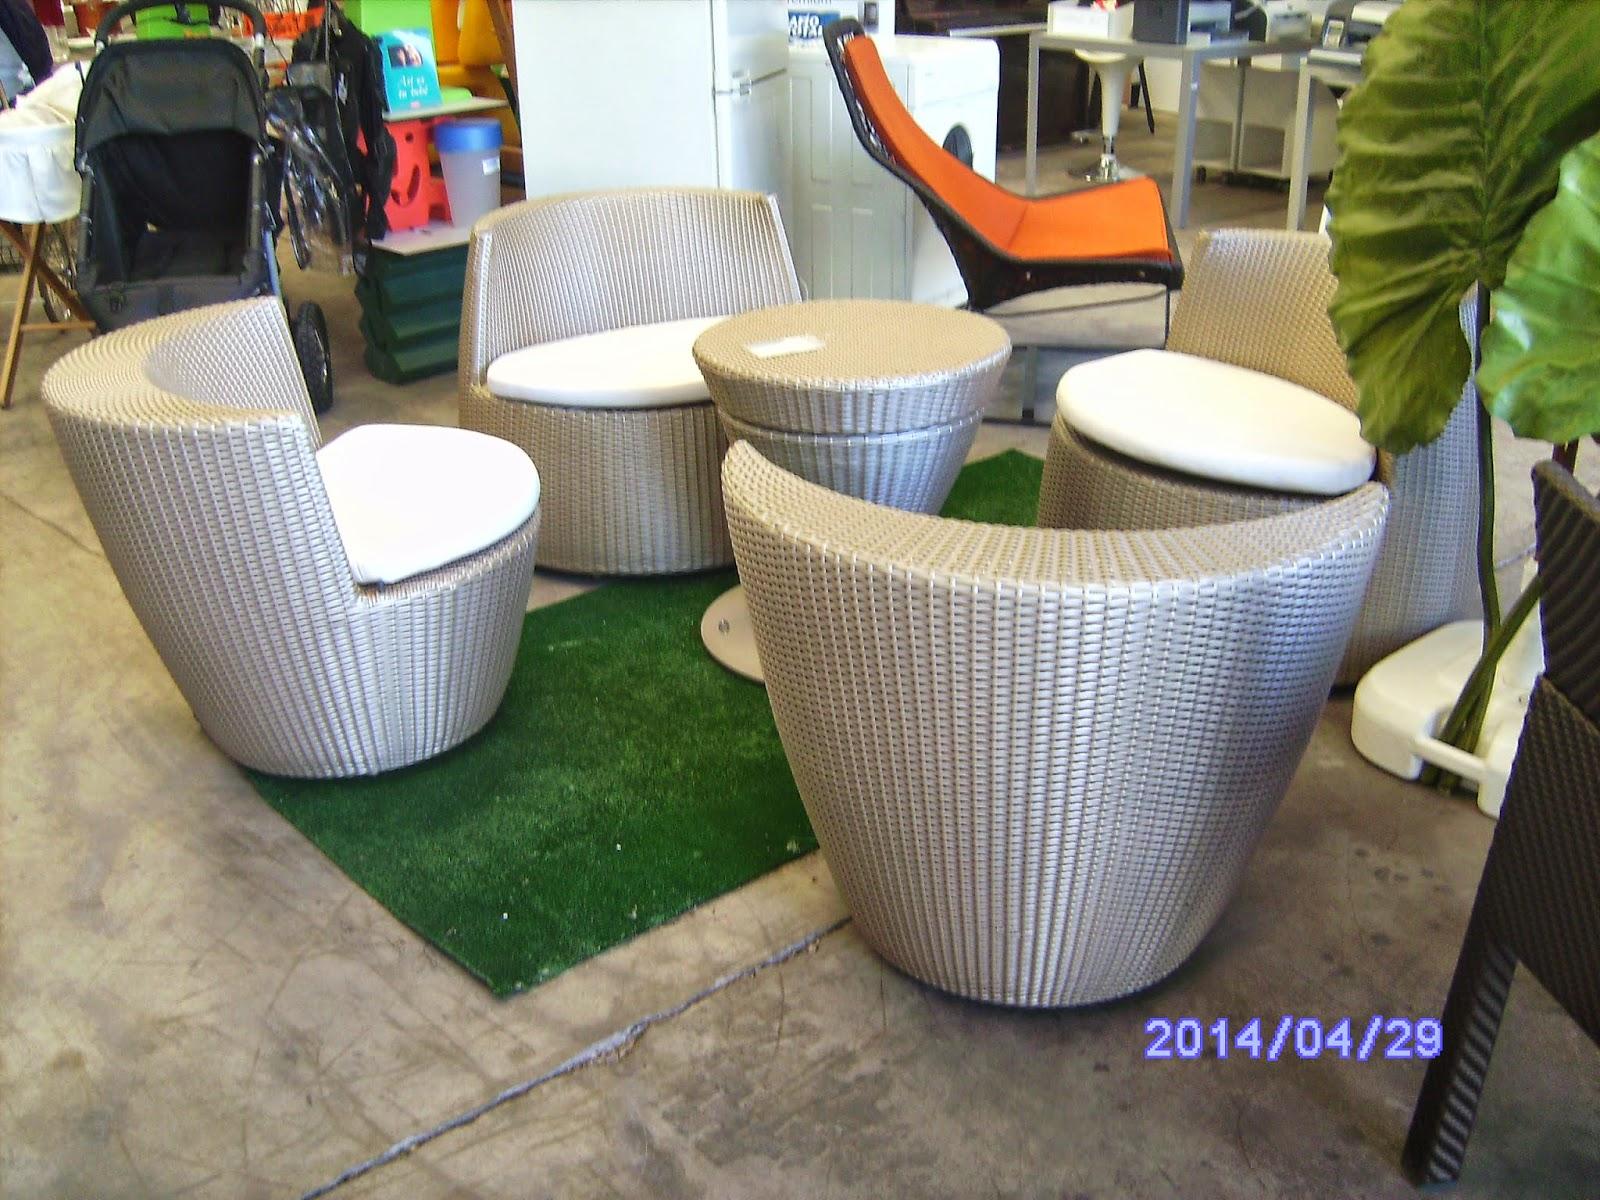 Bancos jardin segunda mano 48815 jardin ideas for Muebles jardin segunda mano